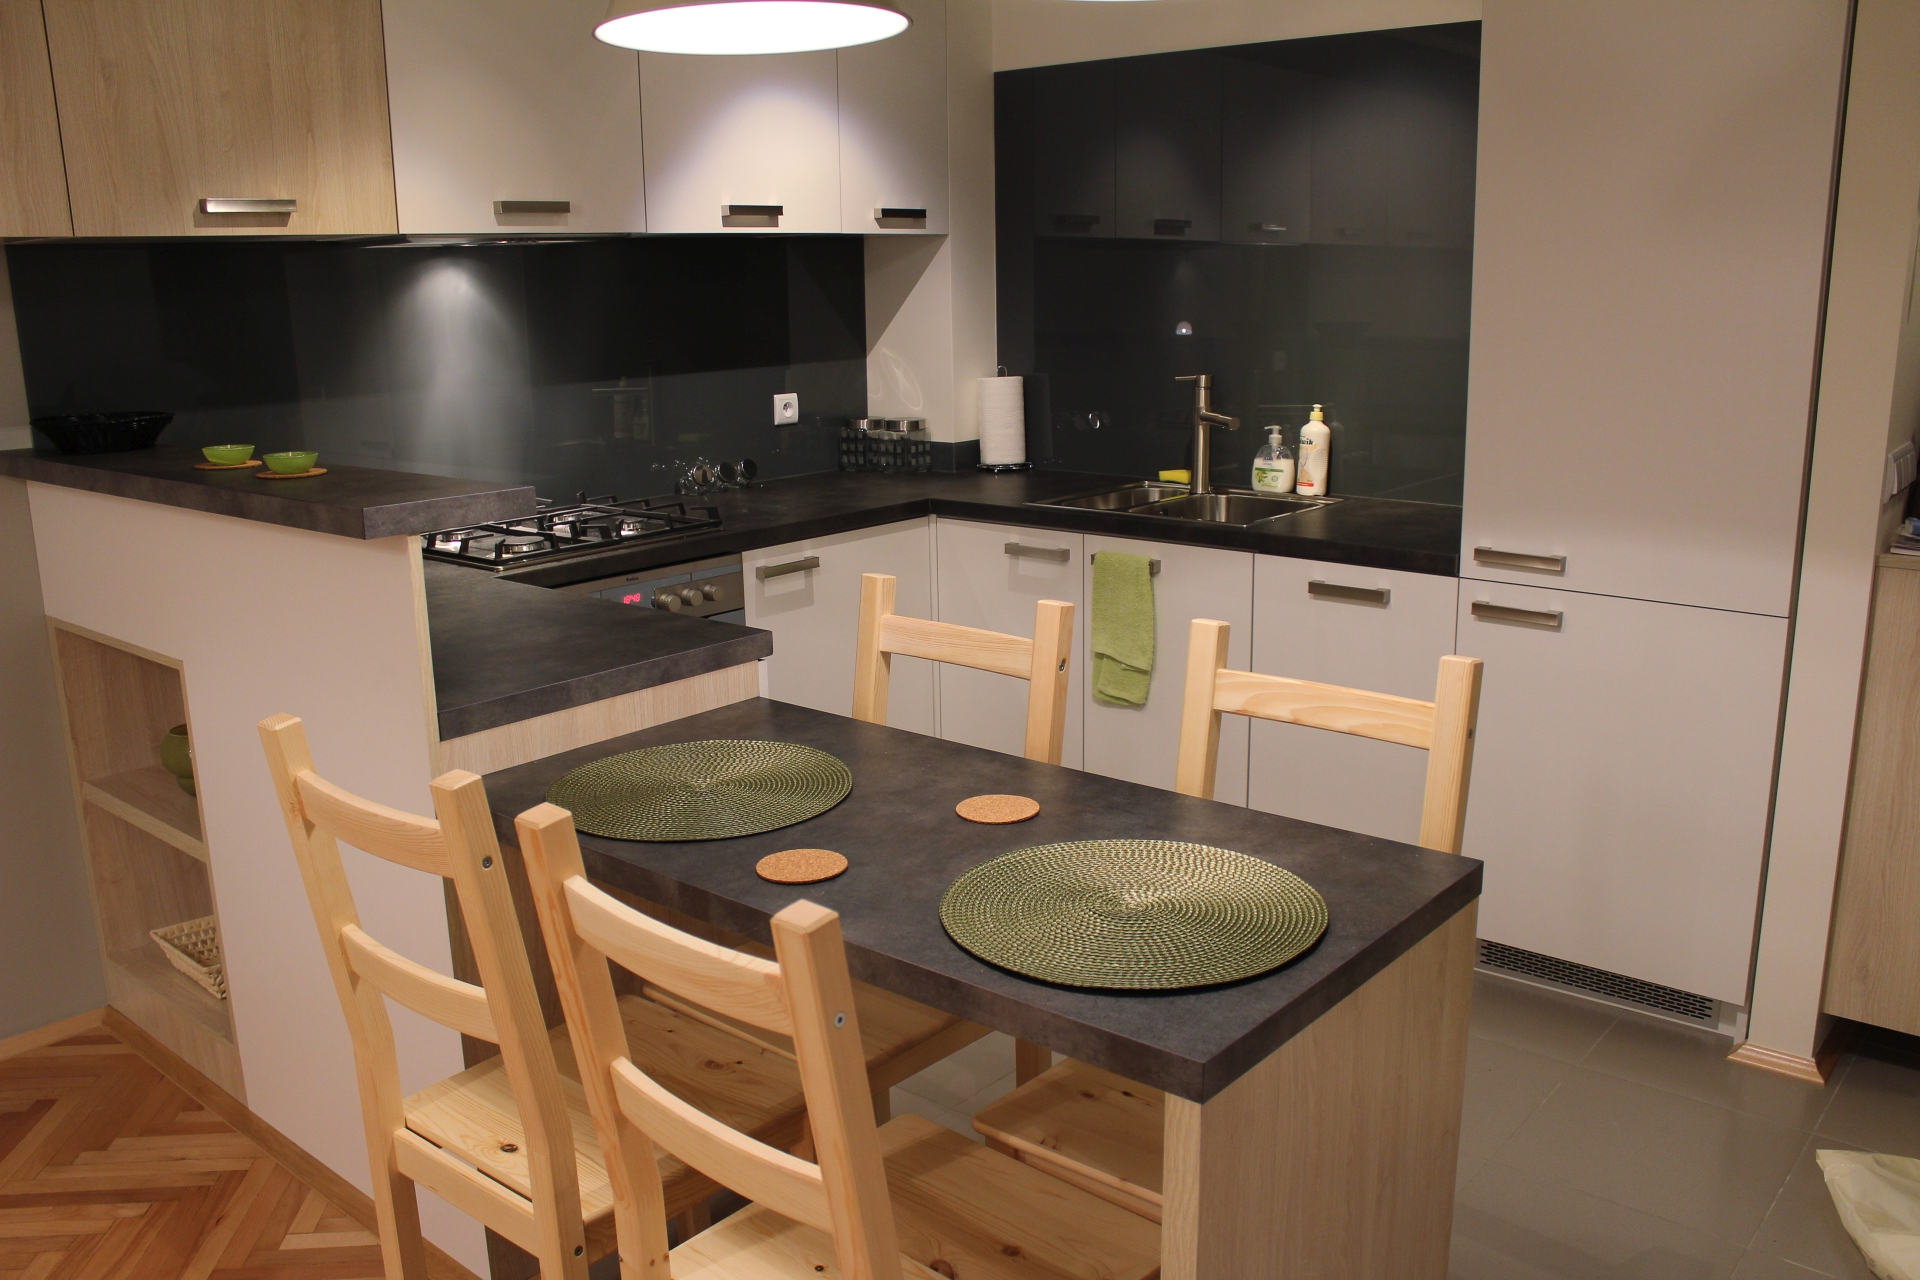 Kuchnie na wymiar  Mieszkanie od A do Z